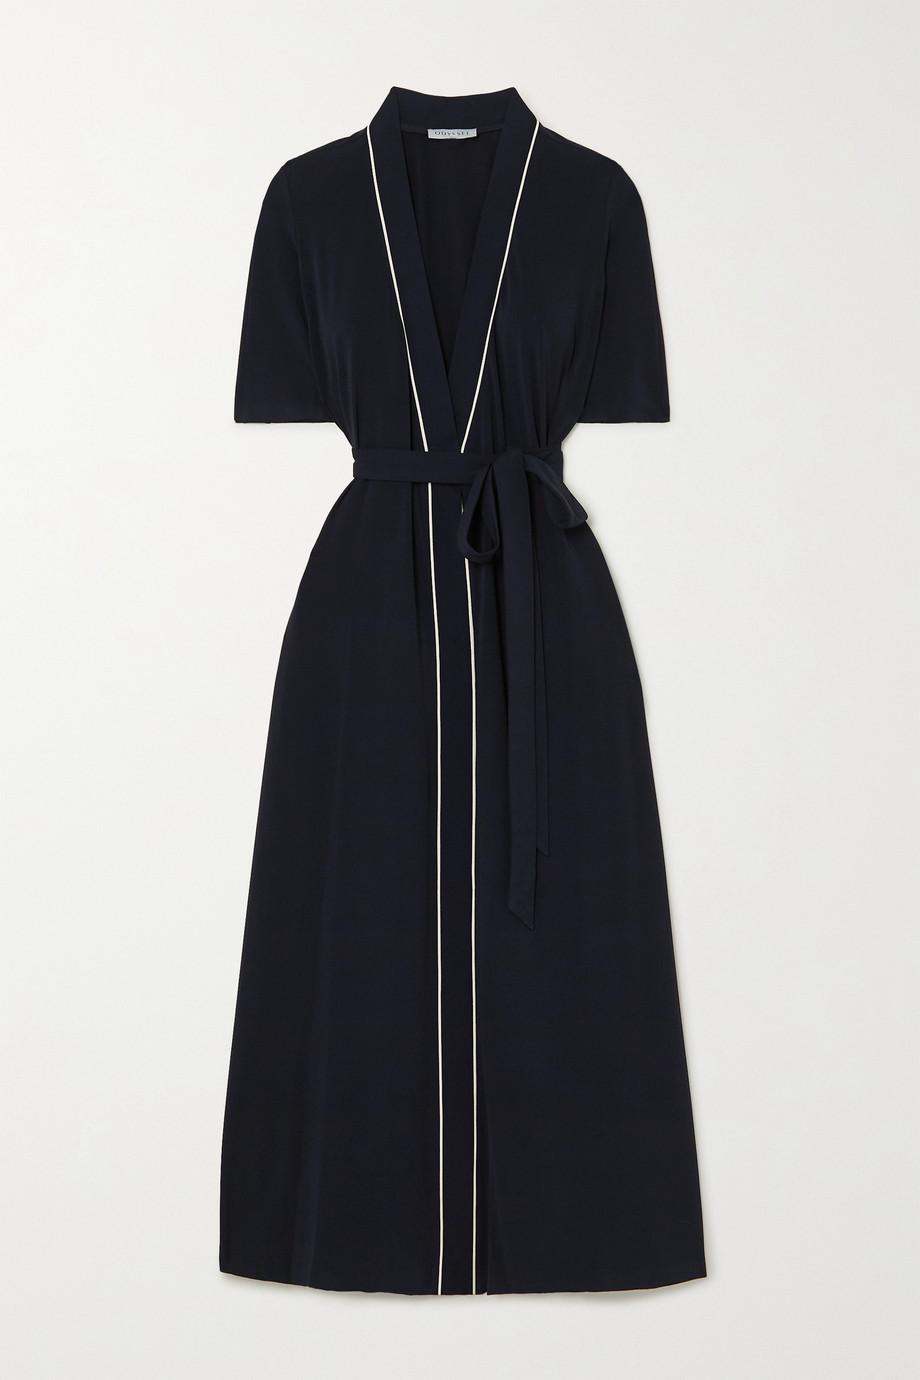 Odyssee Vauban Wickelkleid aus Stretch-Jersey